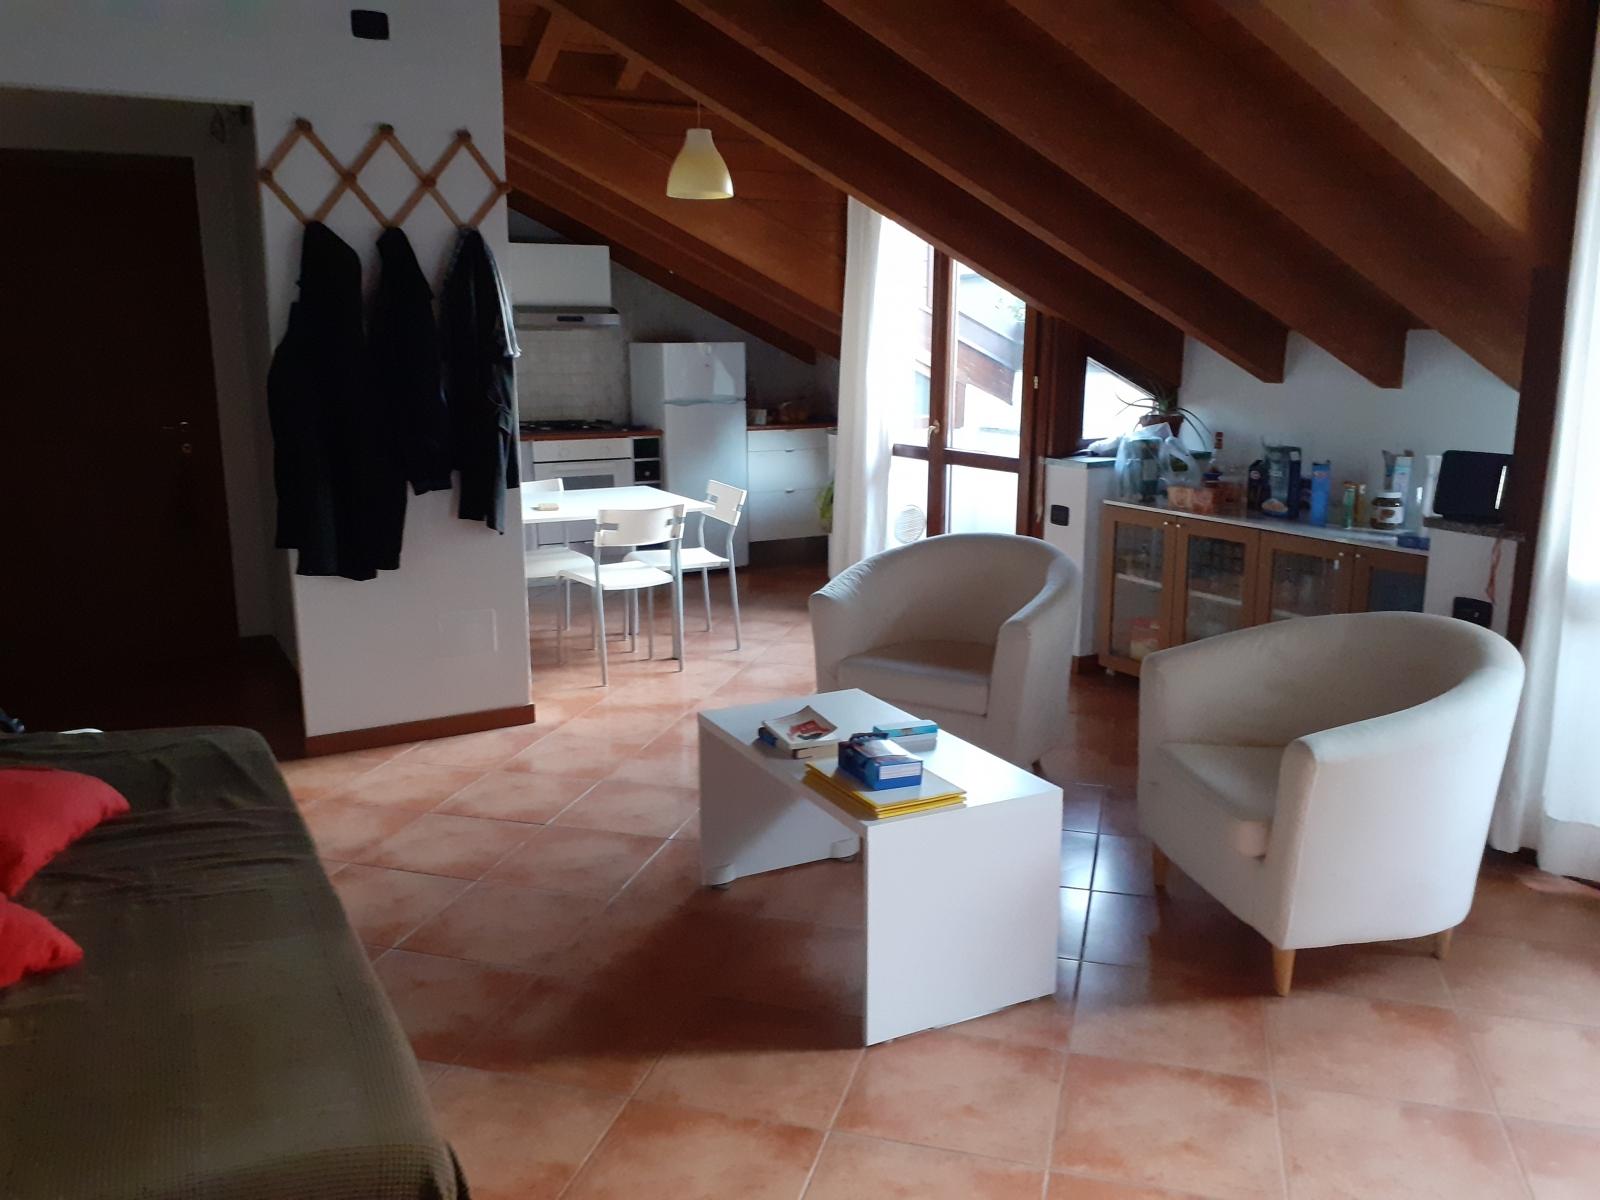 appartamento-in-vendita-a-rho-mansarda-2-3-locali-spaziourbano-immobiliere-vende-8